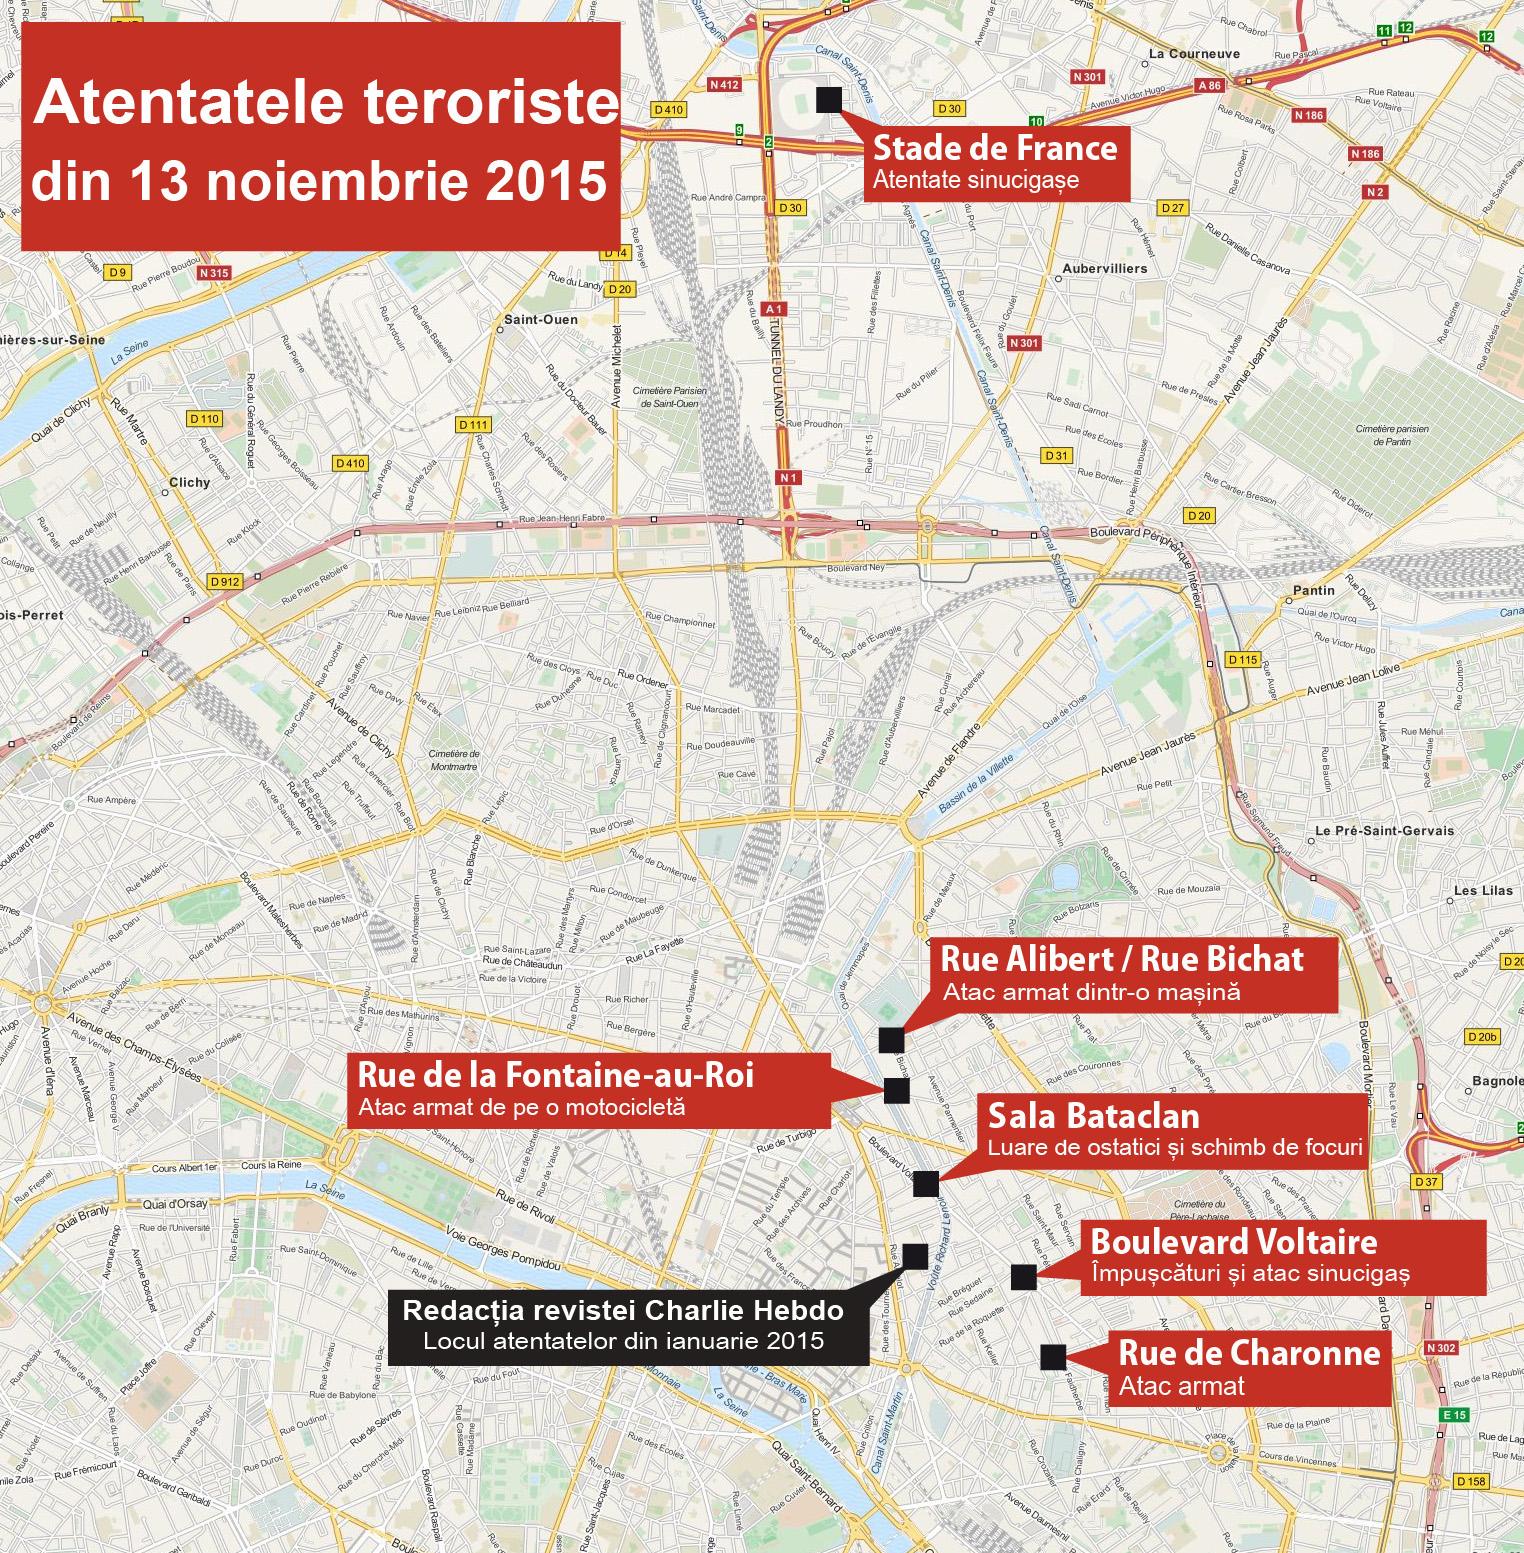 Karte Paris.File Karte Der Terroranschläge Vom 13 November 2015 In Paris Copy